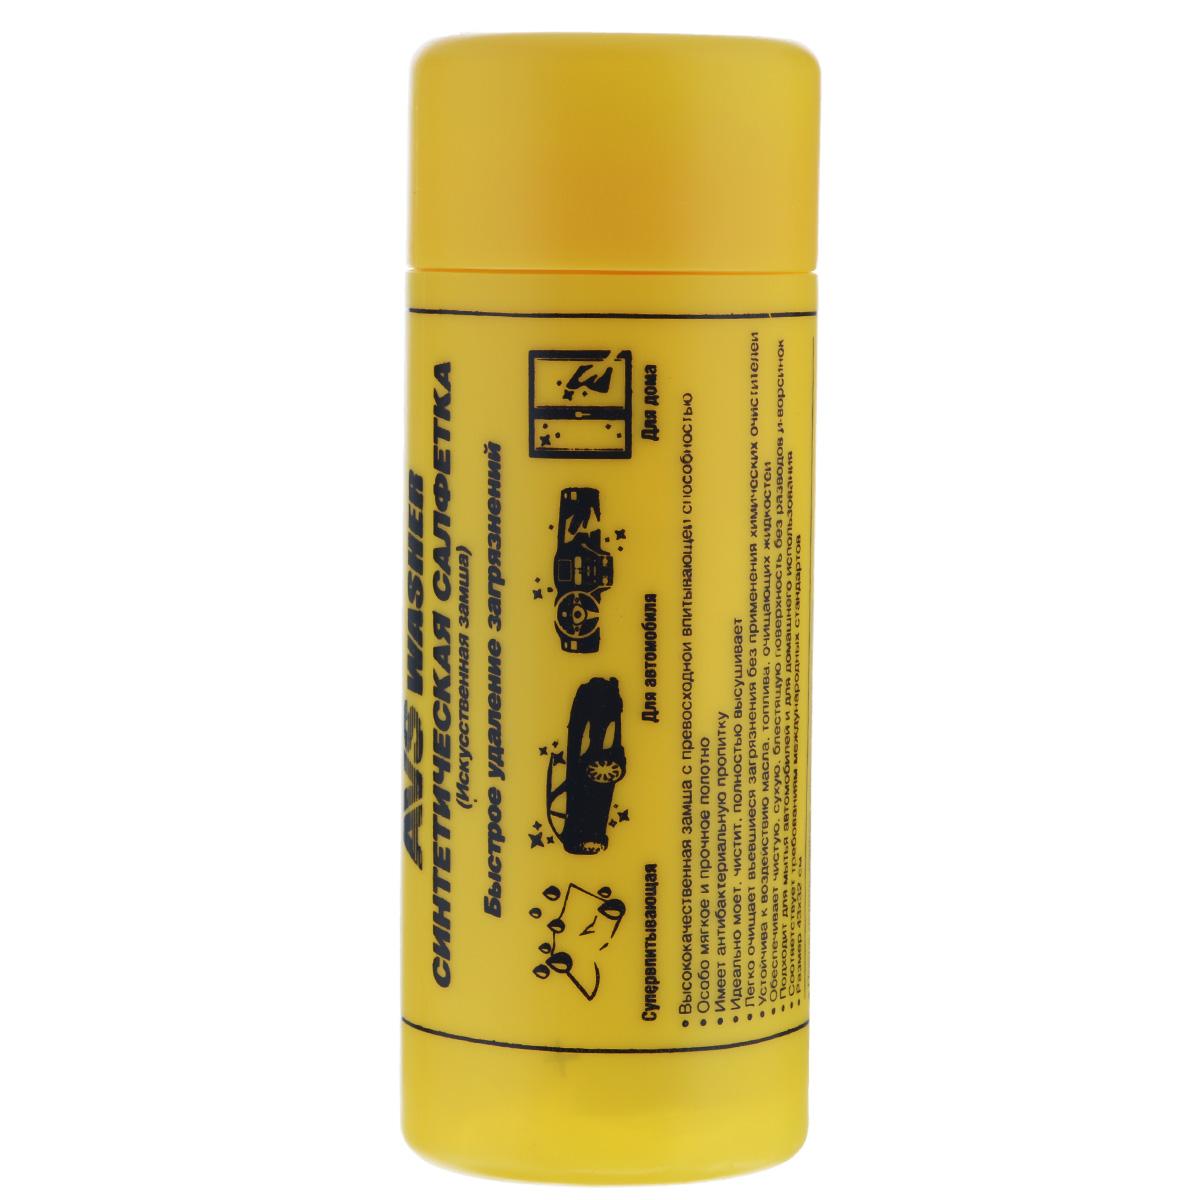 Салфетка синтетическая AVS CH-4332, 43 см х 32 см43446Синтетическая салфетка AVS CH-4332 подходит для мытья автомобиля и для домашнего использования. Салфетка выполнена из искусственной замши. Соответствует требованиям международных стандартов. Особенности: Высококачественная замша с превосходной впитывающей способностью. Особо мягкое и прочное полотно. Имеет антибактериальную пропитку. Идеально моет, чистит, полностью высушивает. Легко очищает въевшиеся загрязнения без применения химических очистителей. Устойчива к воздействию масла, топлива, очищающих жидкостей. Обеспечивает чистую, сухую, блестящую поверхность без разводов и ворсинок. Размер салфетки: 43 см х 32 см.